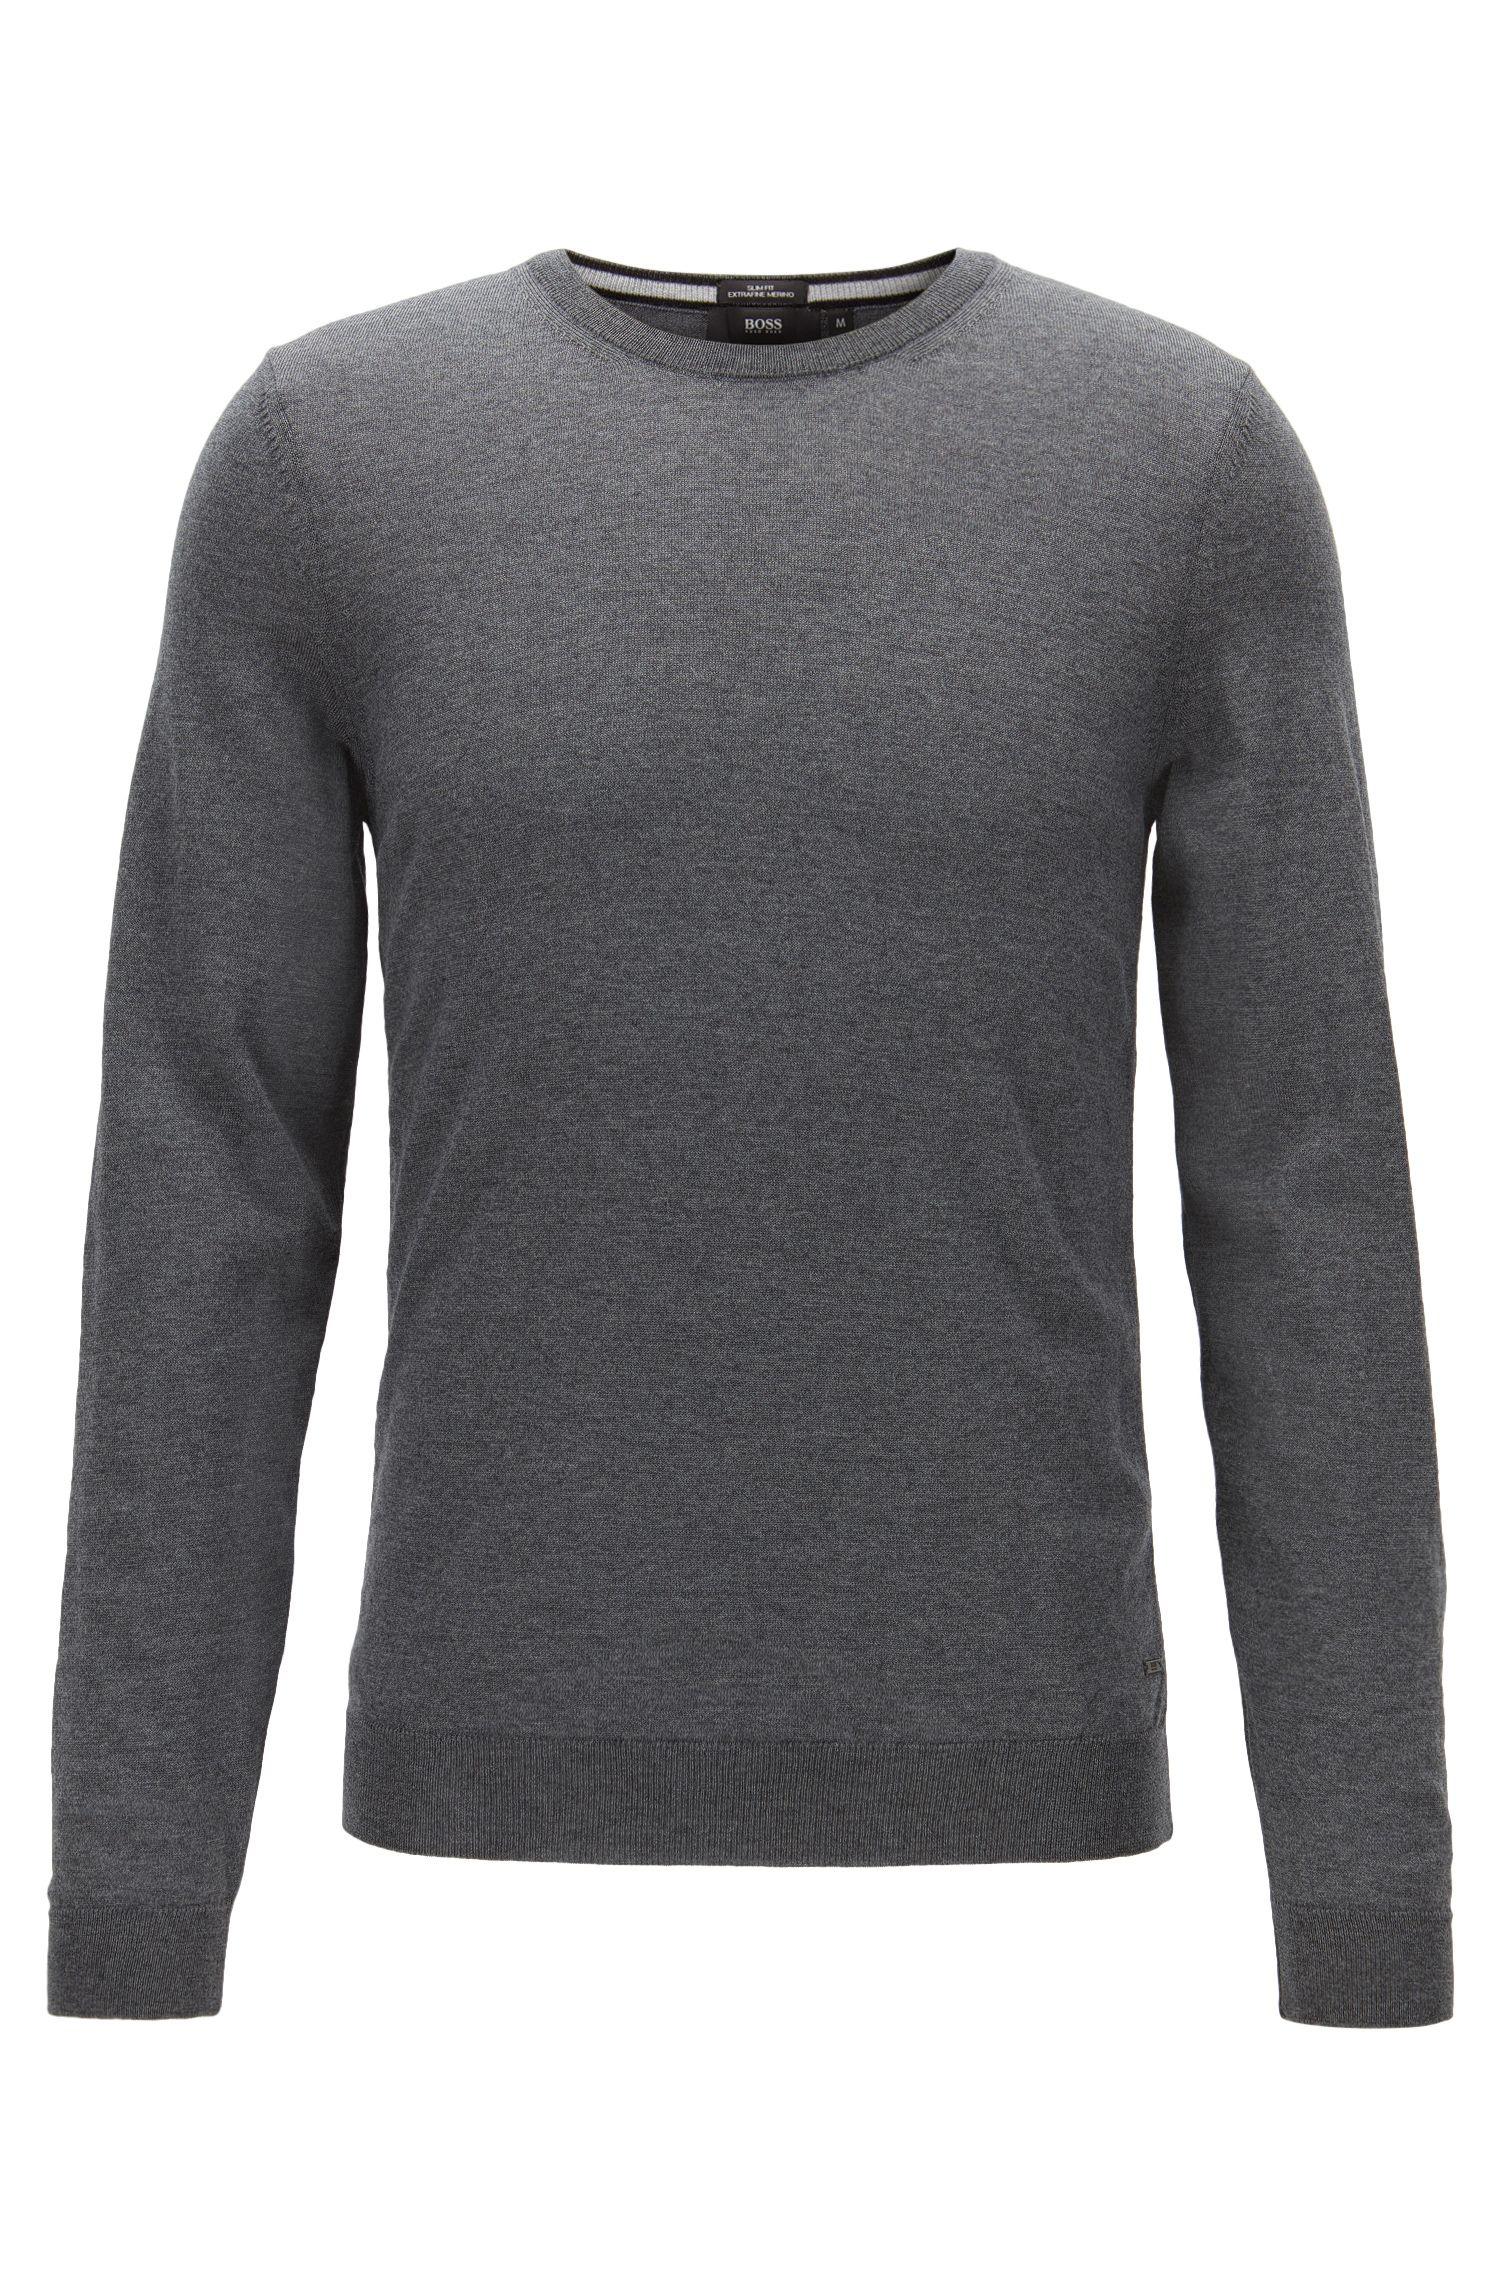 Maglione slim fit in pura lana merino